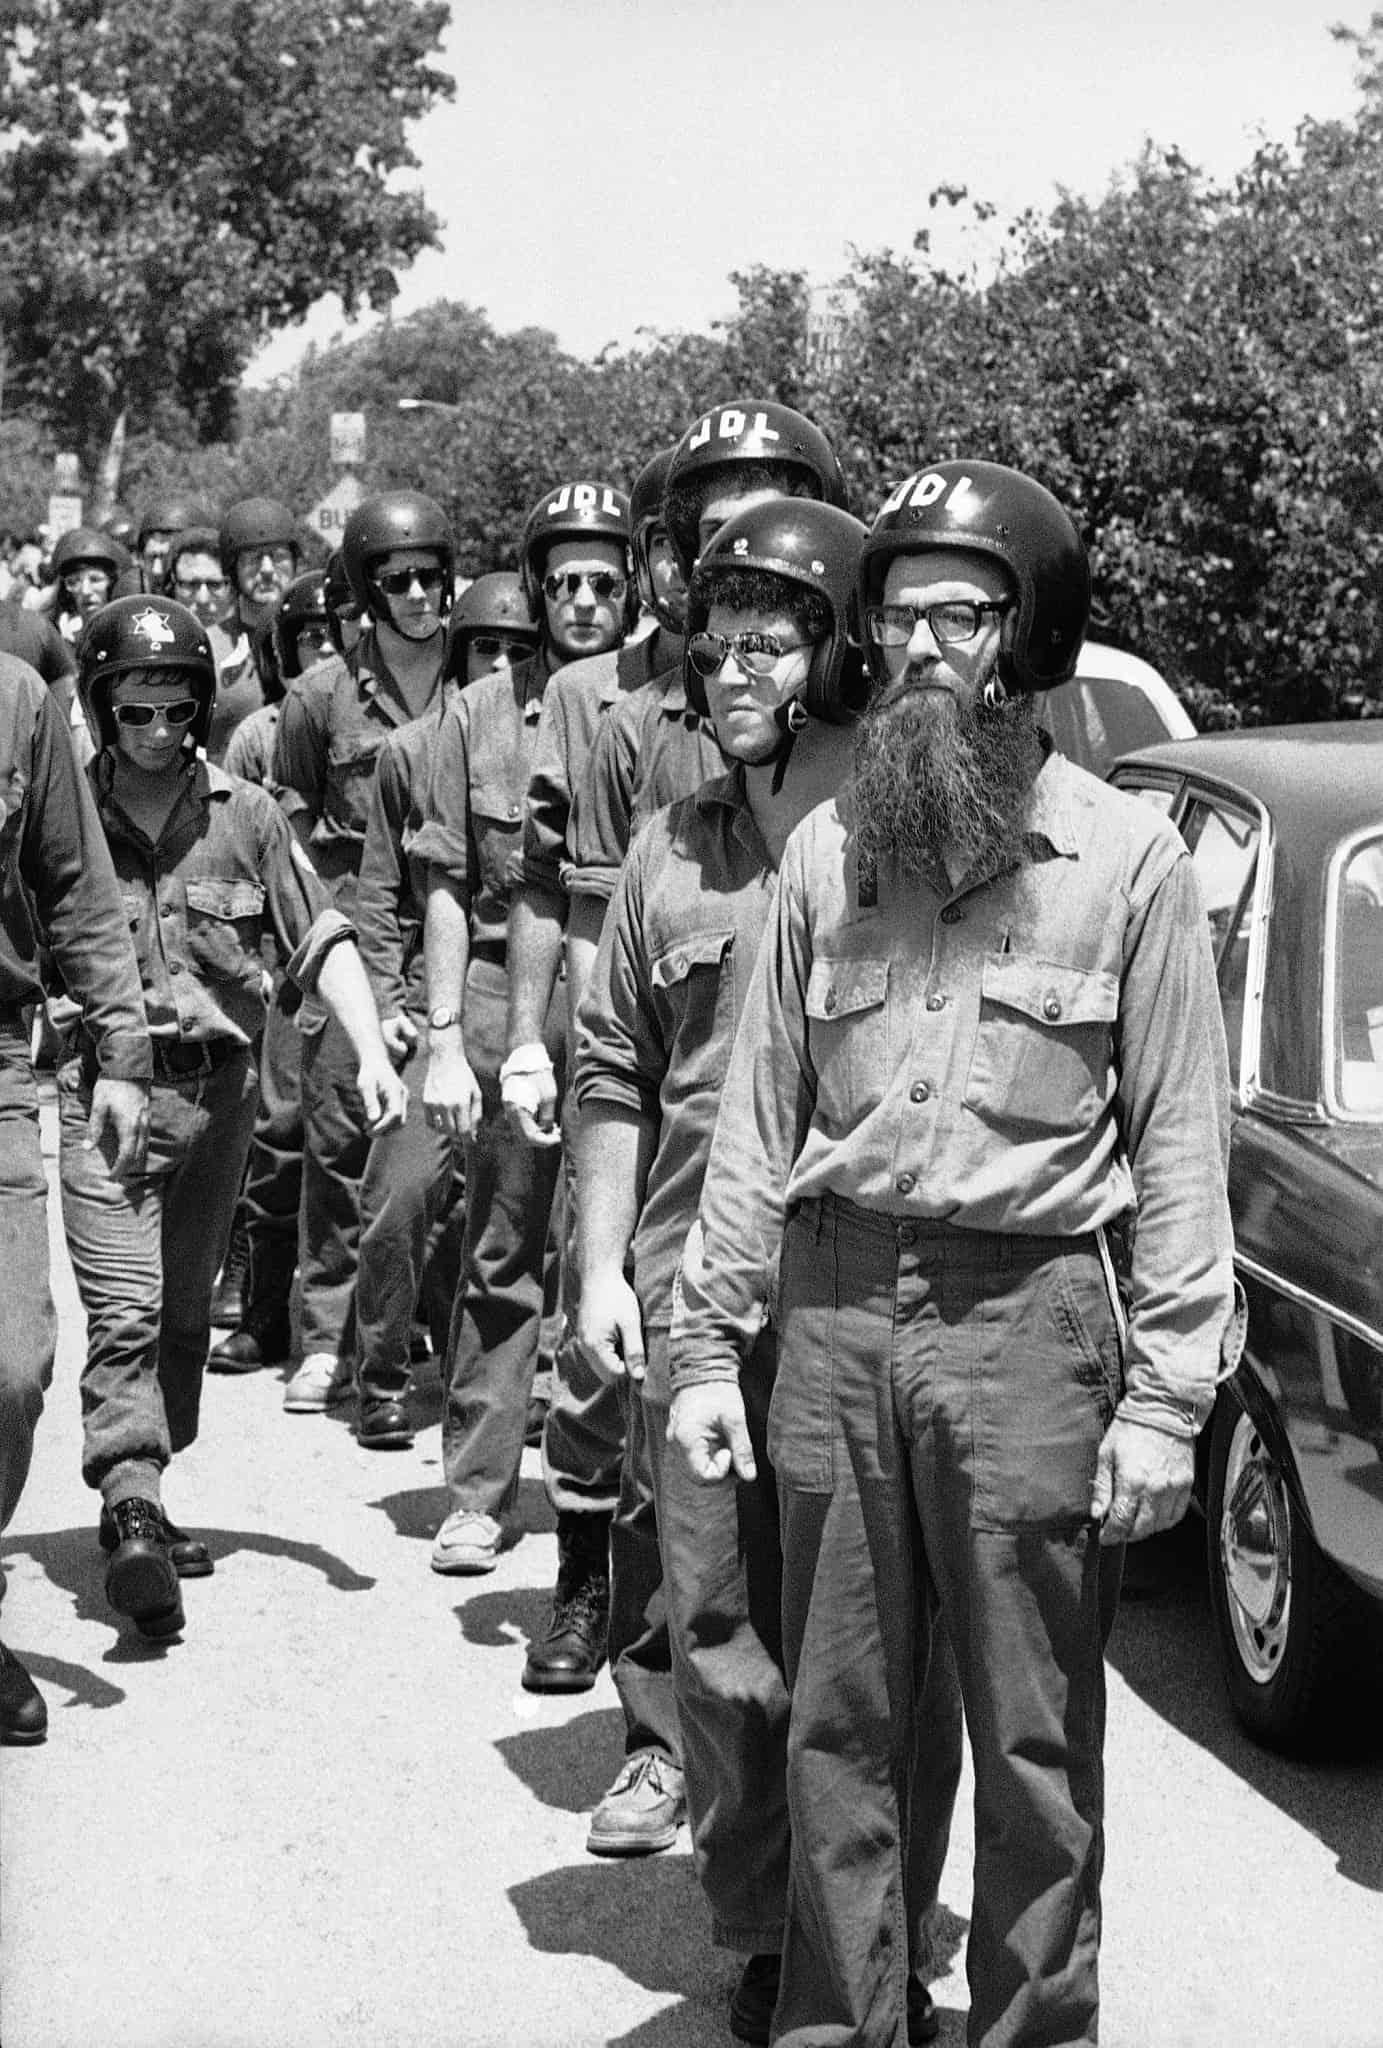 פעילים יהודיים מפגינים נגד ניאו-נאצים סביב פרשת סקוקי, 1977 (צילום: AP Photo/K. Love)